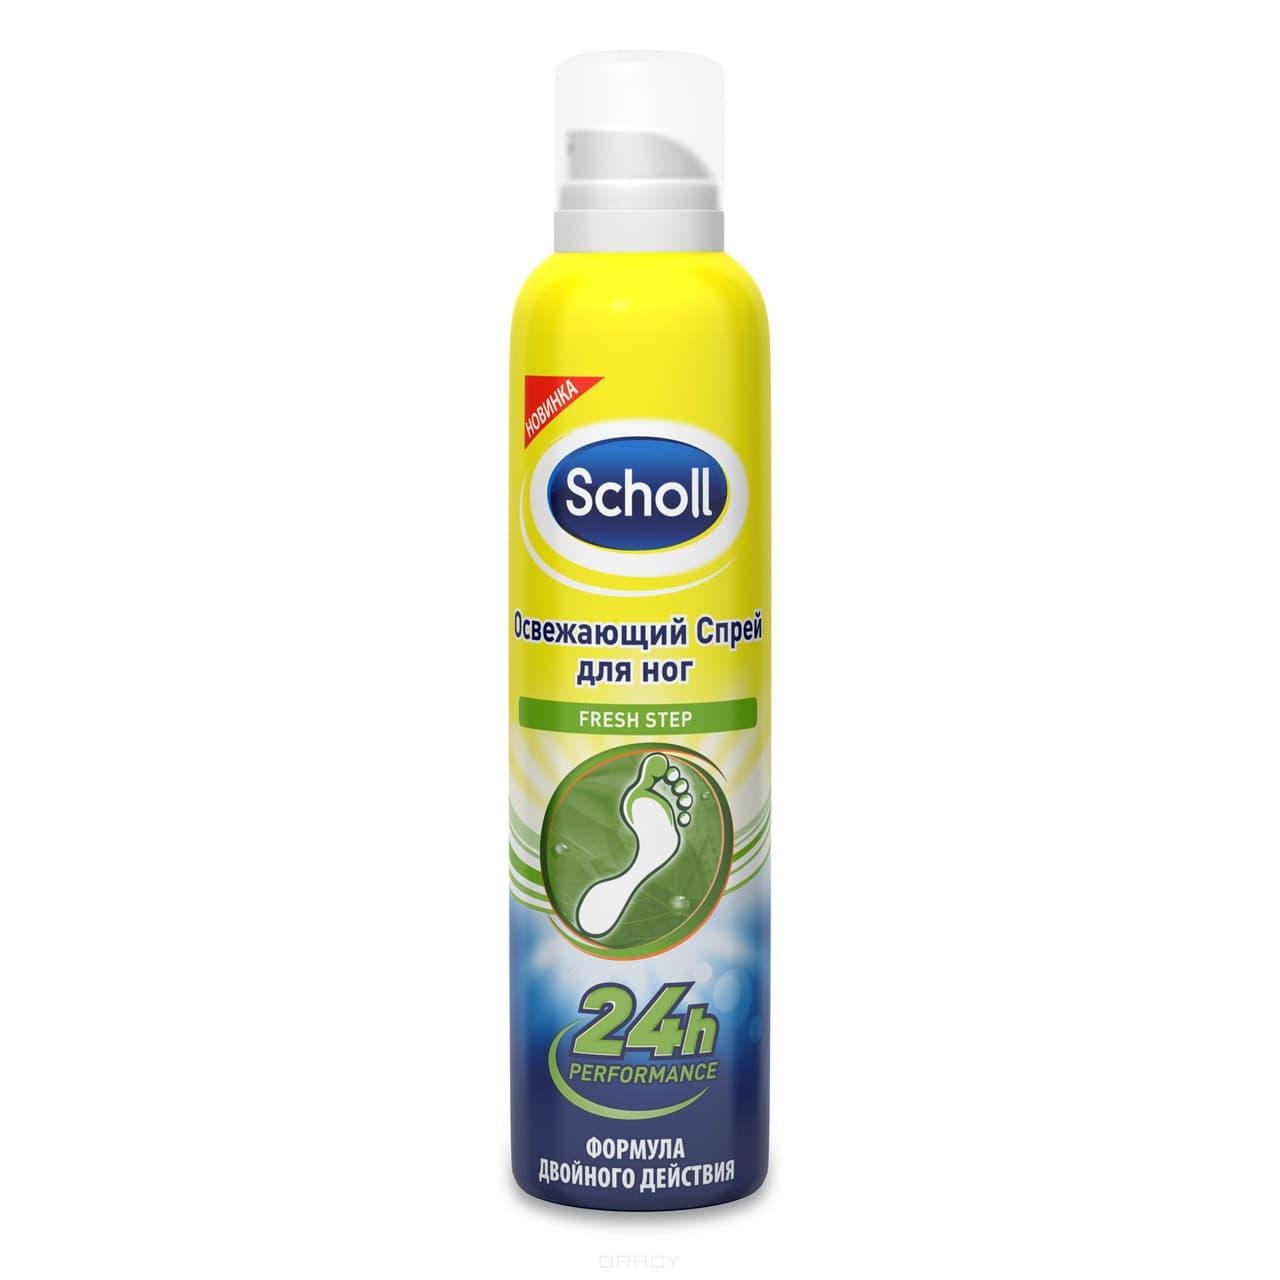 Scholl, Освежающий спрей для ног активного действия, 150 мл